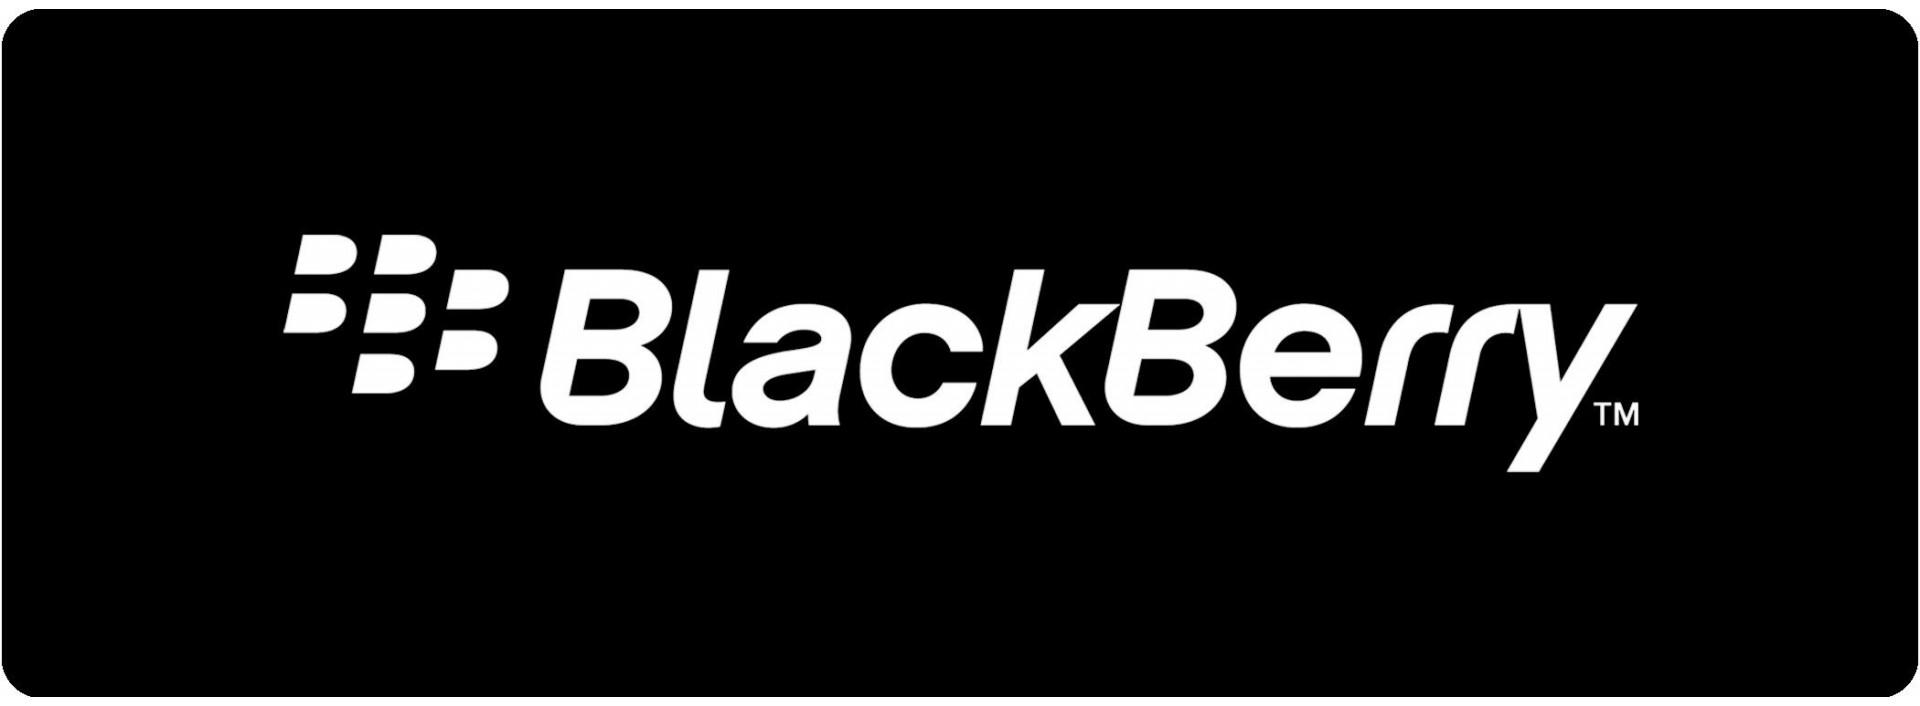 Fundas PERSONALIZADAS Blackberry, compra ya, Envío Gratis en TMS